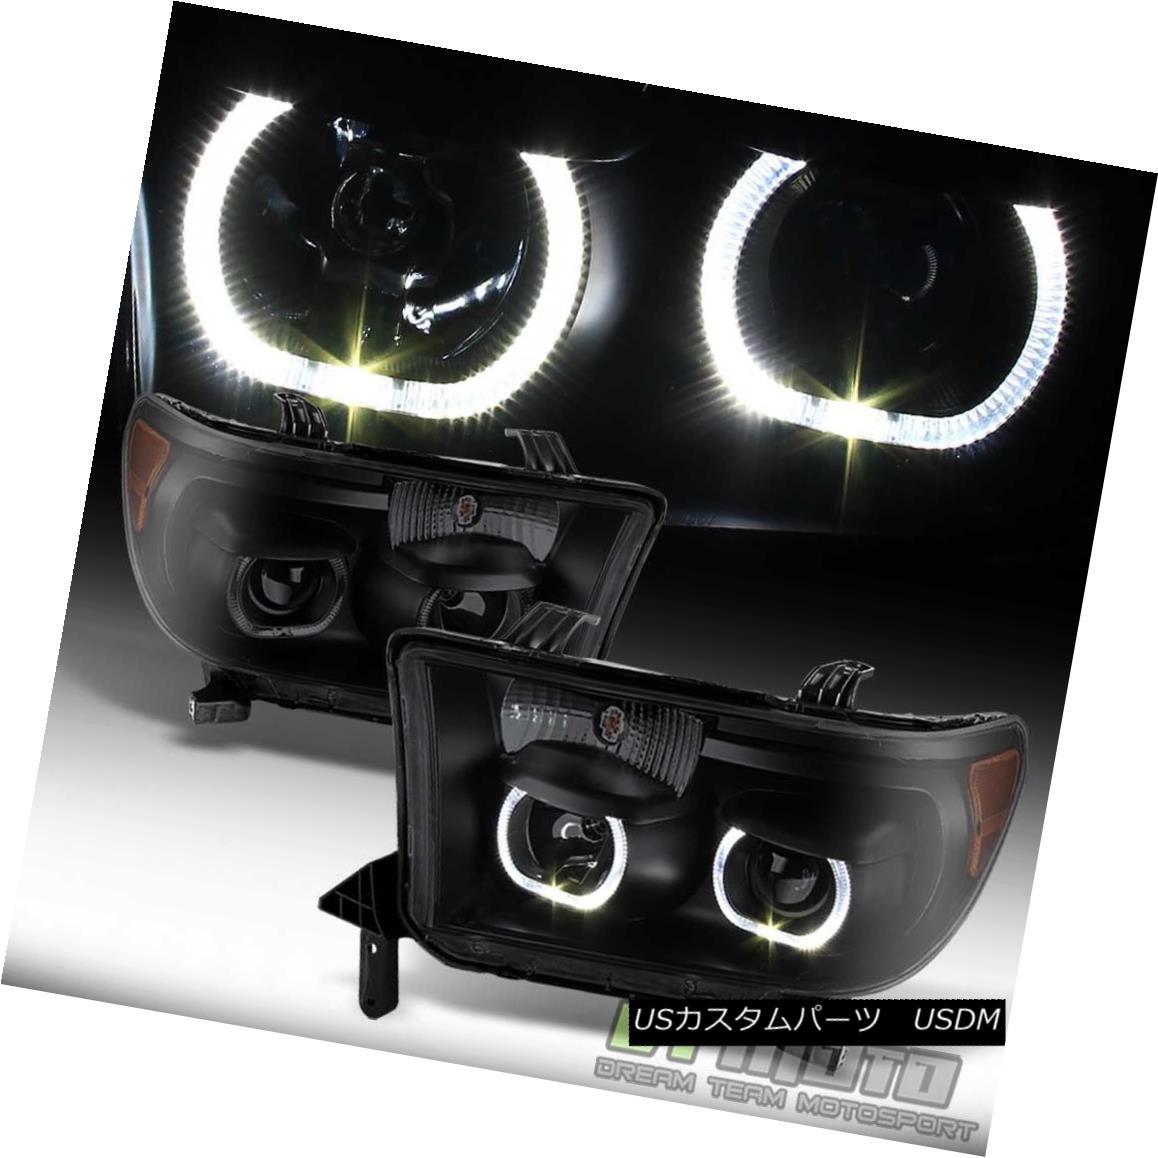 ヘッドライト Black Smoked 2007-2013 Toyota Tundra 08-17 Sequoia LED Halo Projector Headlights ブラックスモーク2007-2013トヨタトンドラ08-17セコイアLEDハロープロジェクターヘッドライト